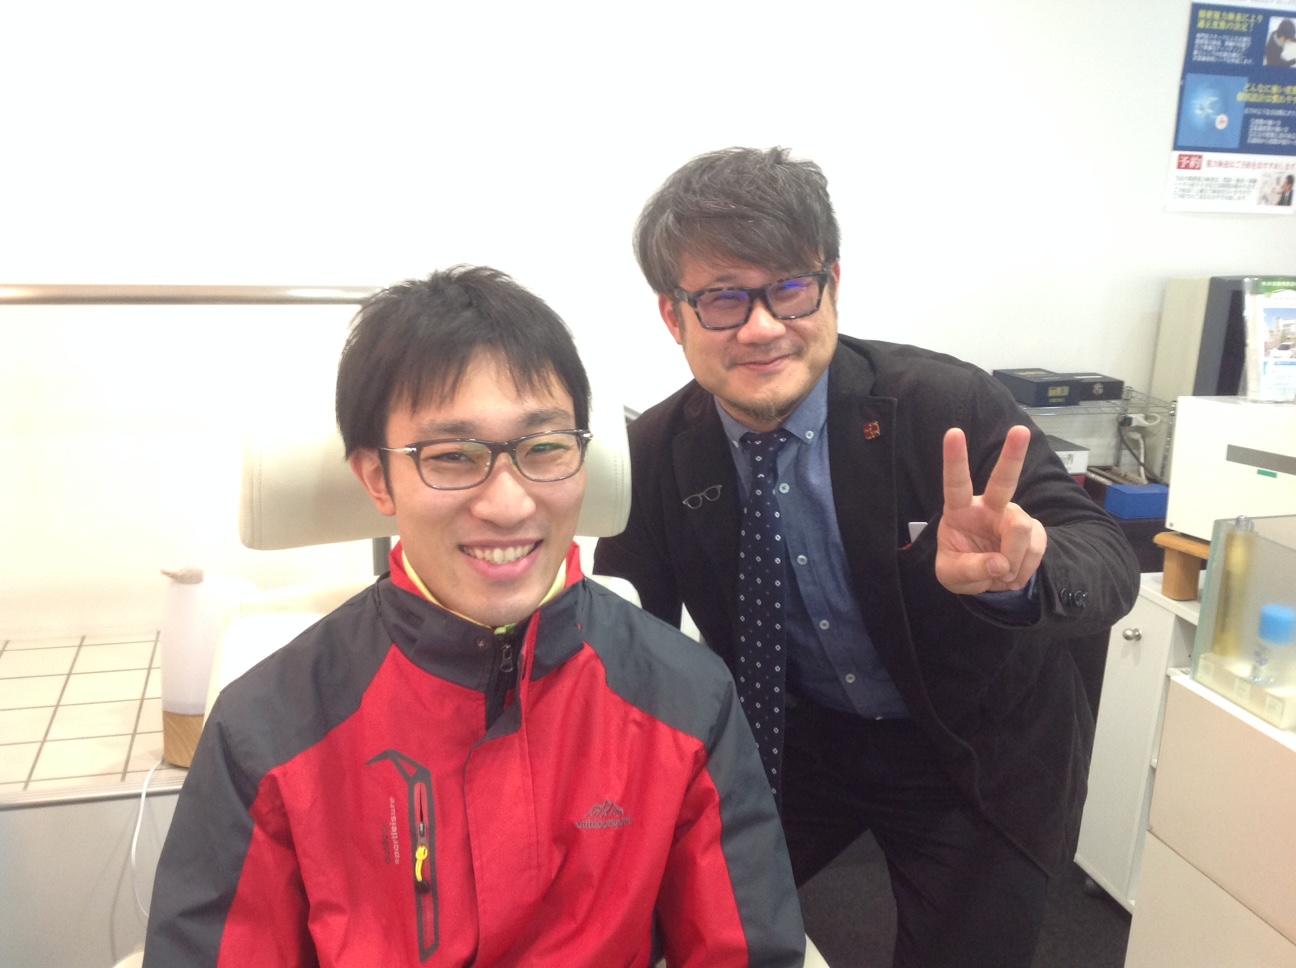 999.9 フォーナインズ NPM-82 江戸川